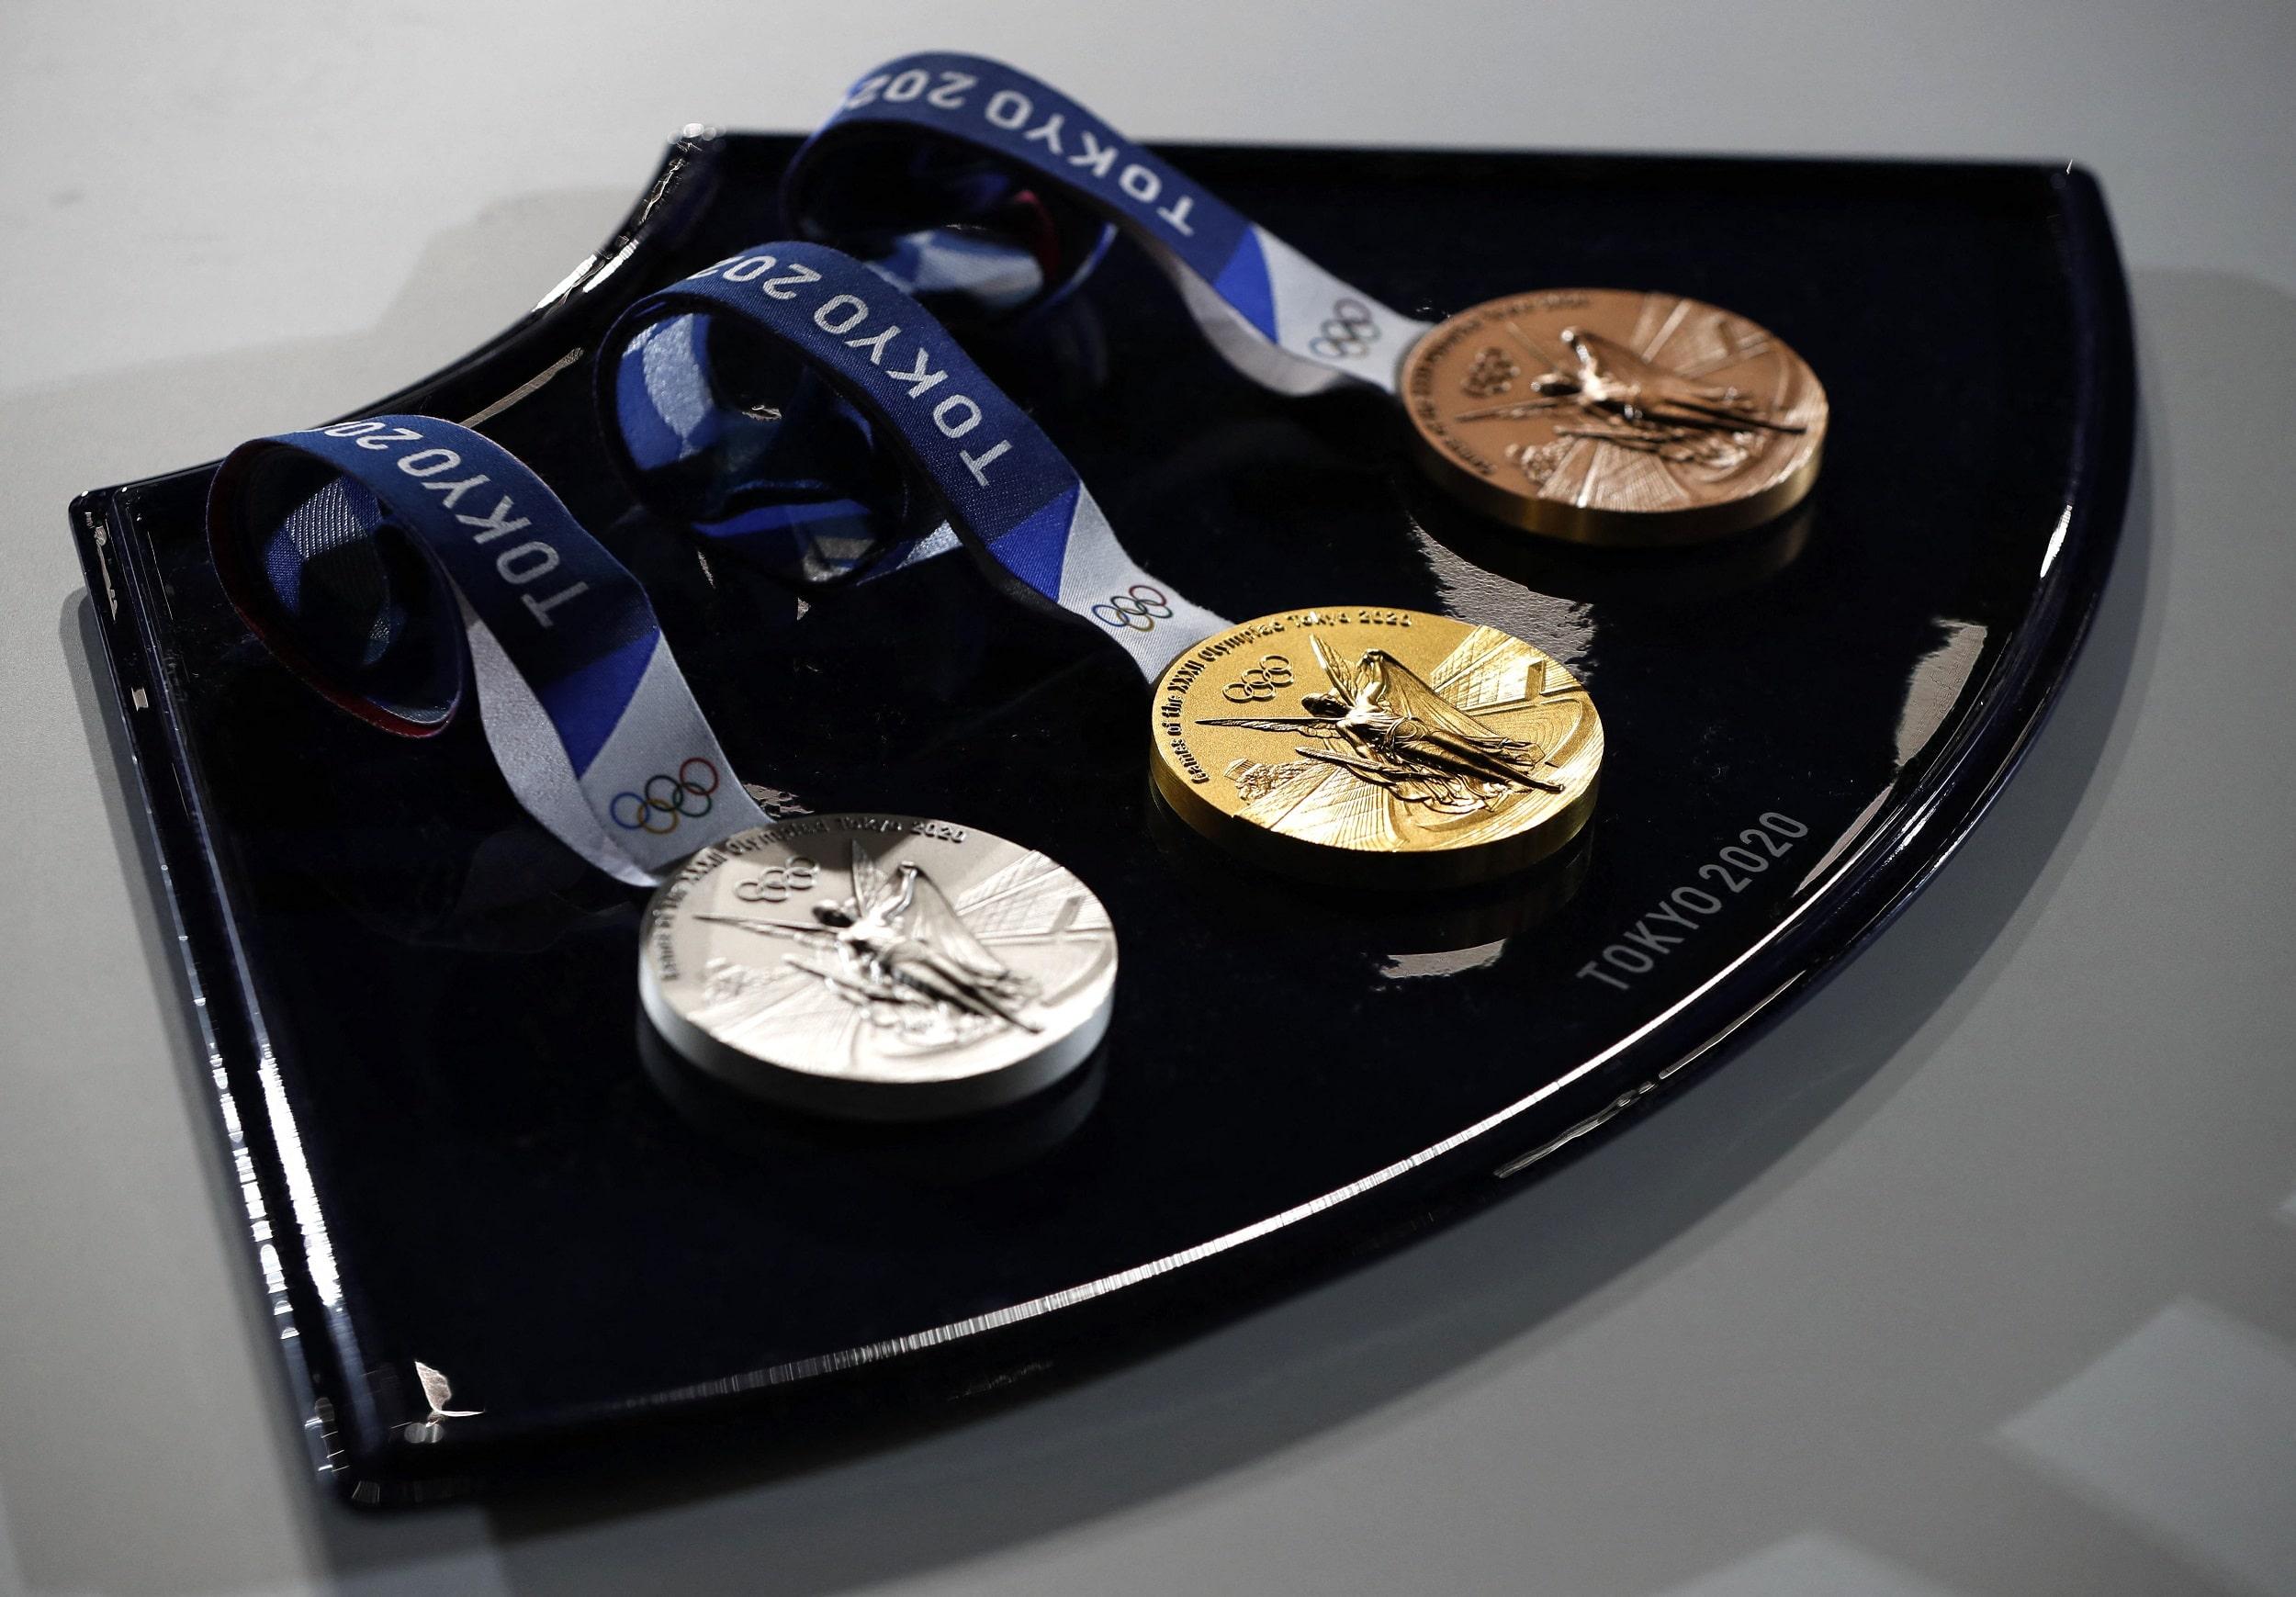 2020 Tokyo Olympics Medals